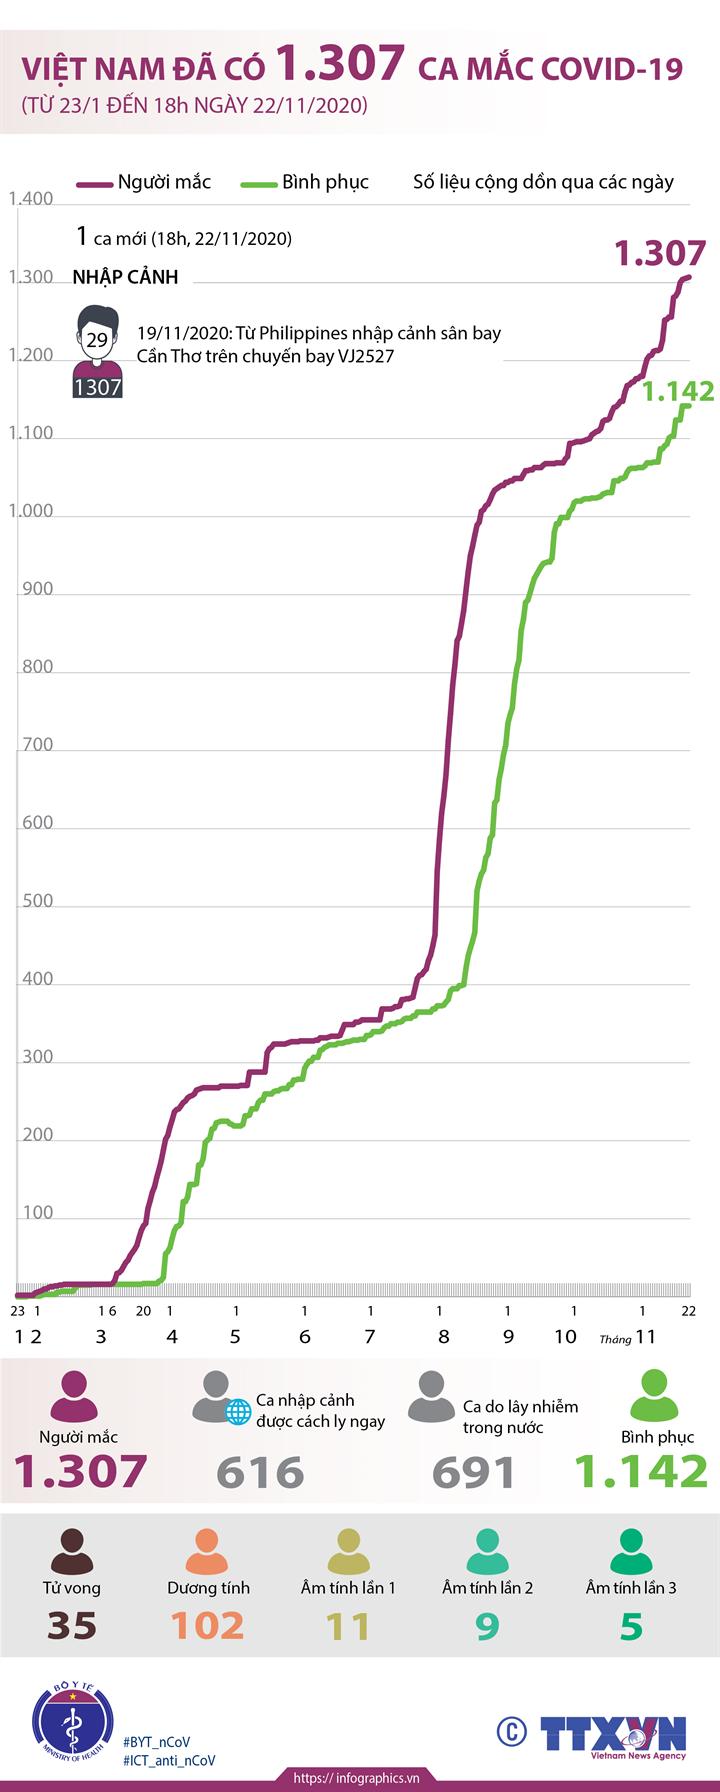 Việt Nam đã có 1.307 ca mắc COVID-19 (từ 23/1 đến 18h ngày 22/11/2020)